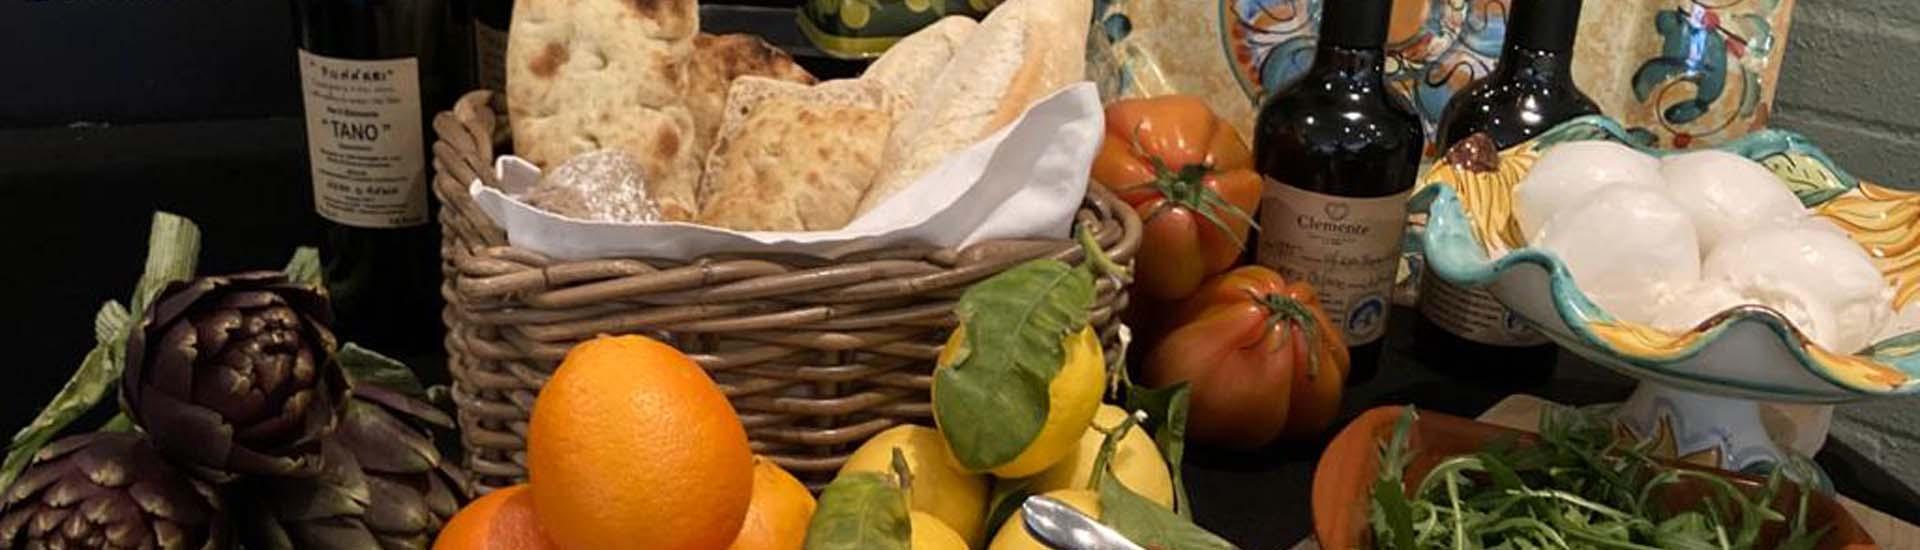 Winkel-Da-Tano-italiaanse-smaak